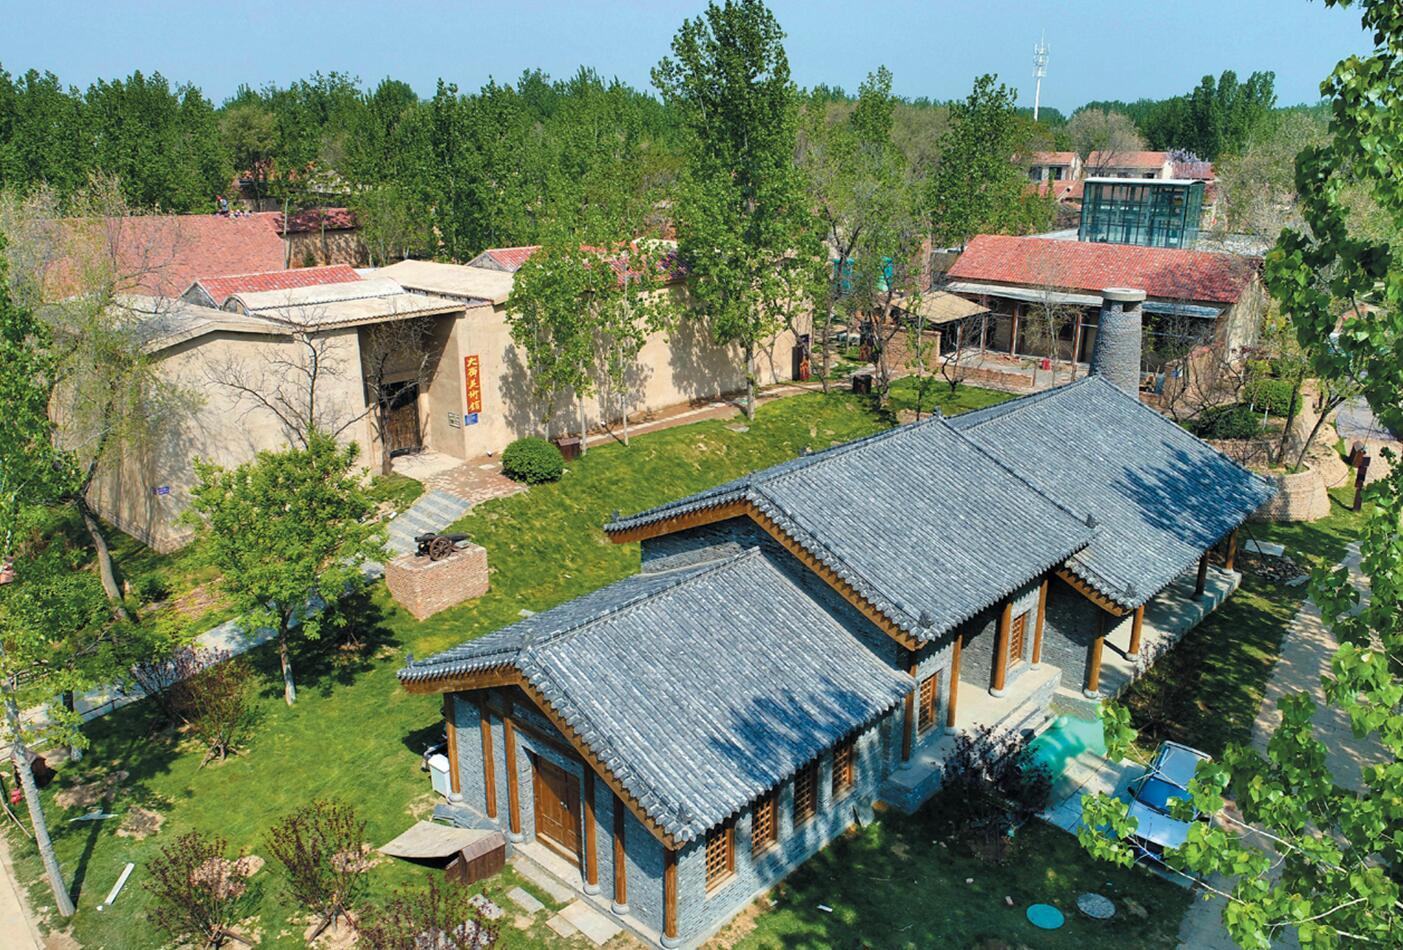 【開發區】濱州經濟技術開發區一個單位七個村居獲得全省鄉村治理大獎